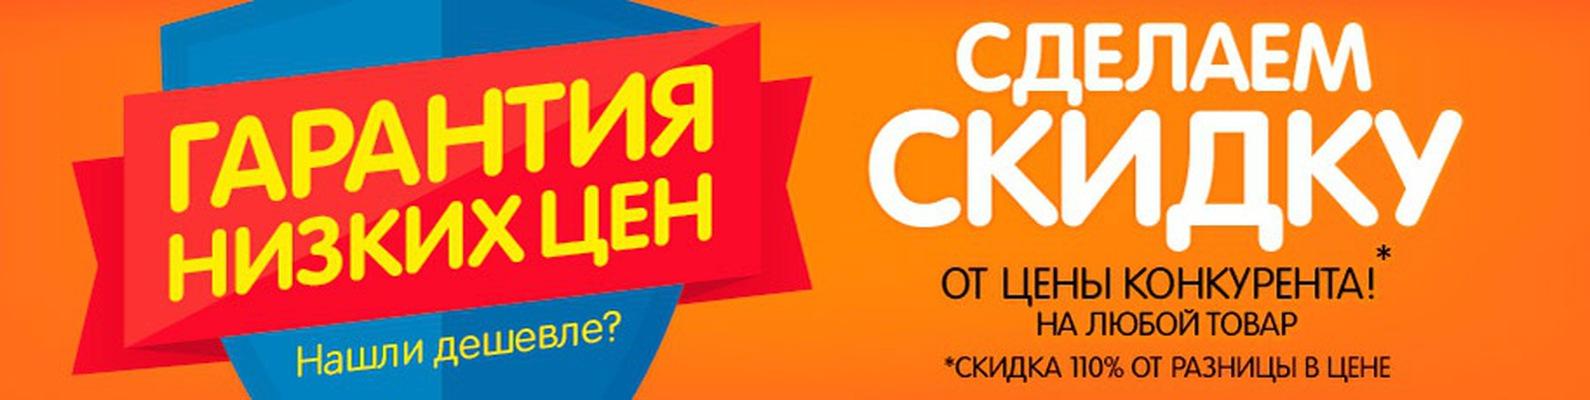 Больничный лист купить официально в Егорьевске сао